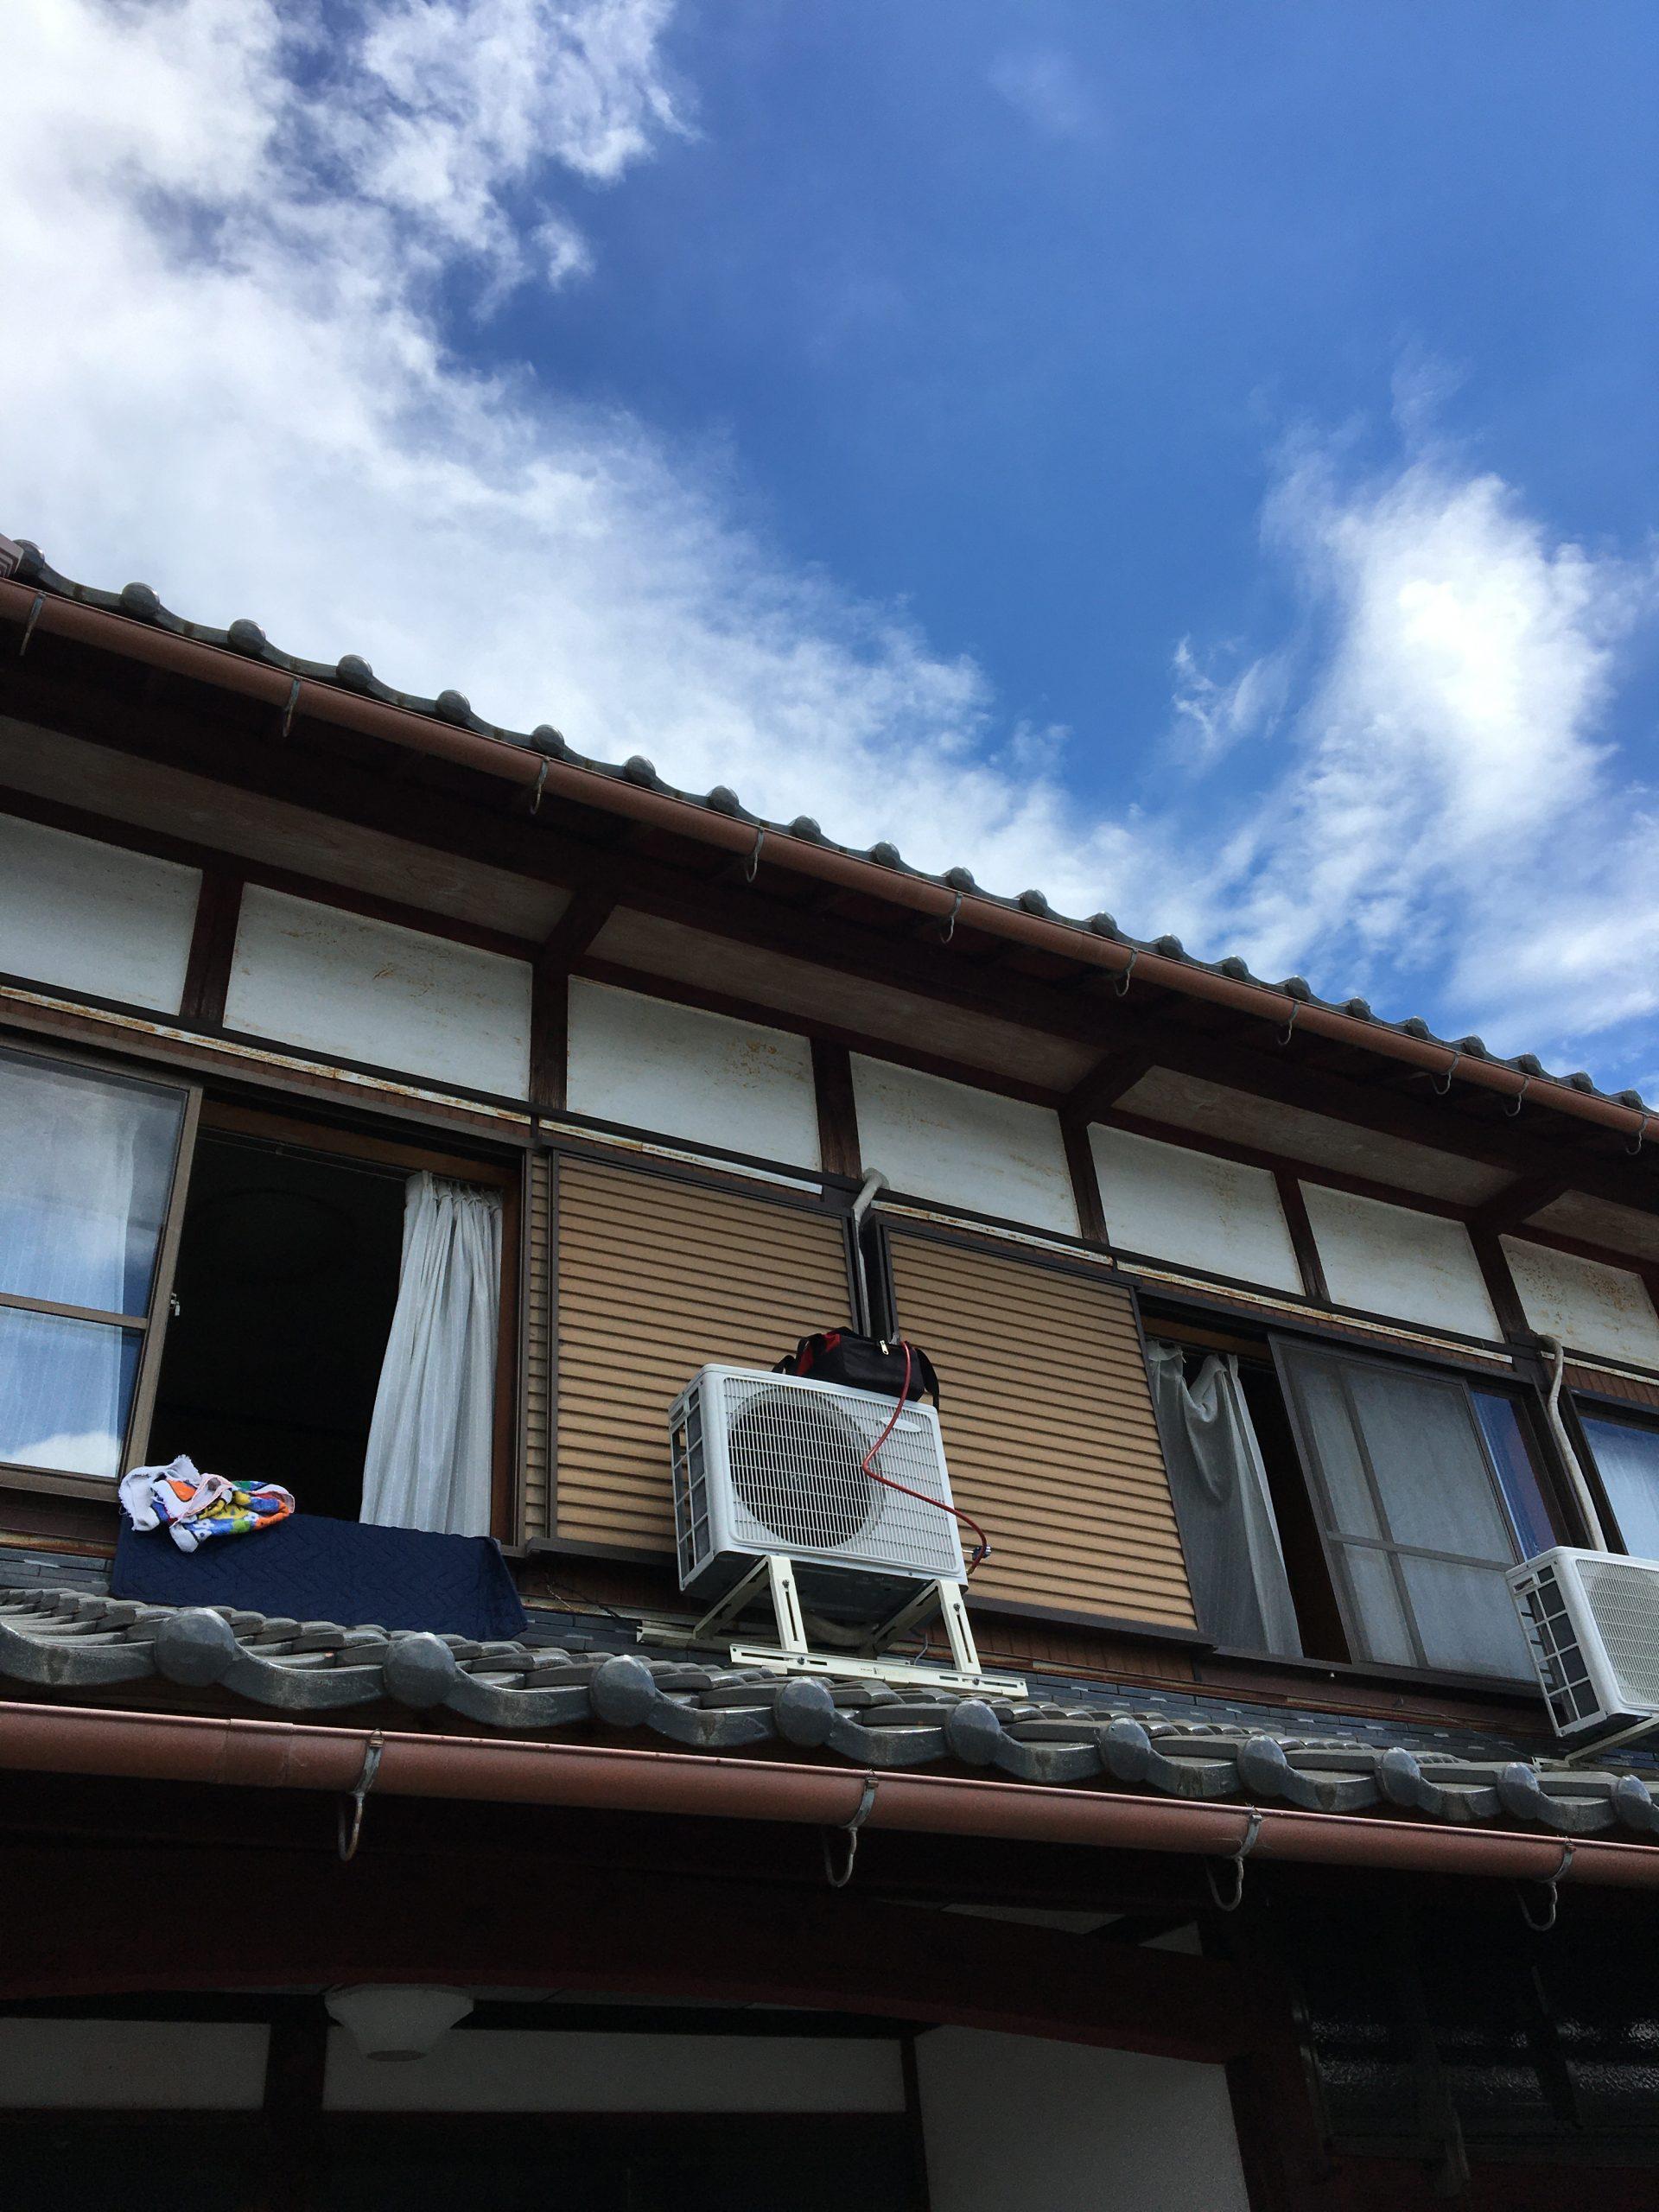 滋賀県近江八幡市の中古エアコン移設と取外し作業/屋根置きエアコンは便利屋HEROにお任せ!!【ご依頼】